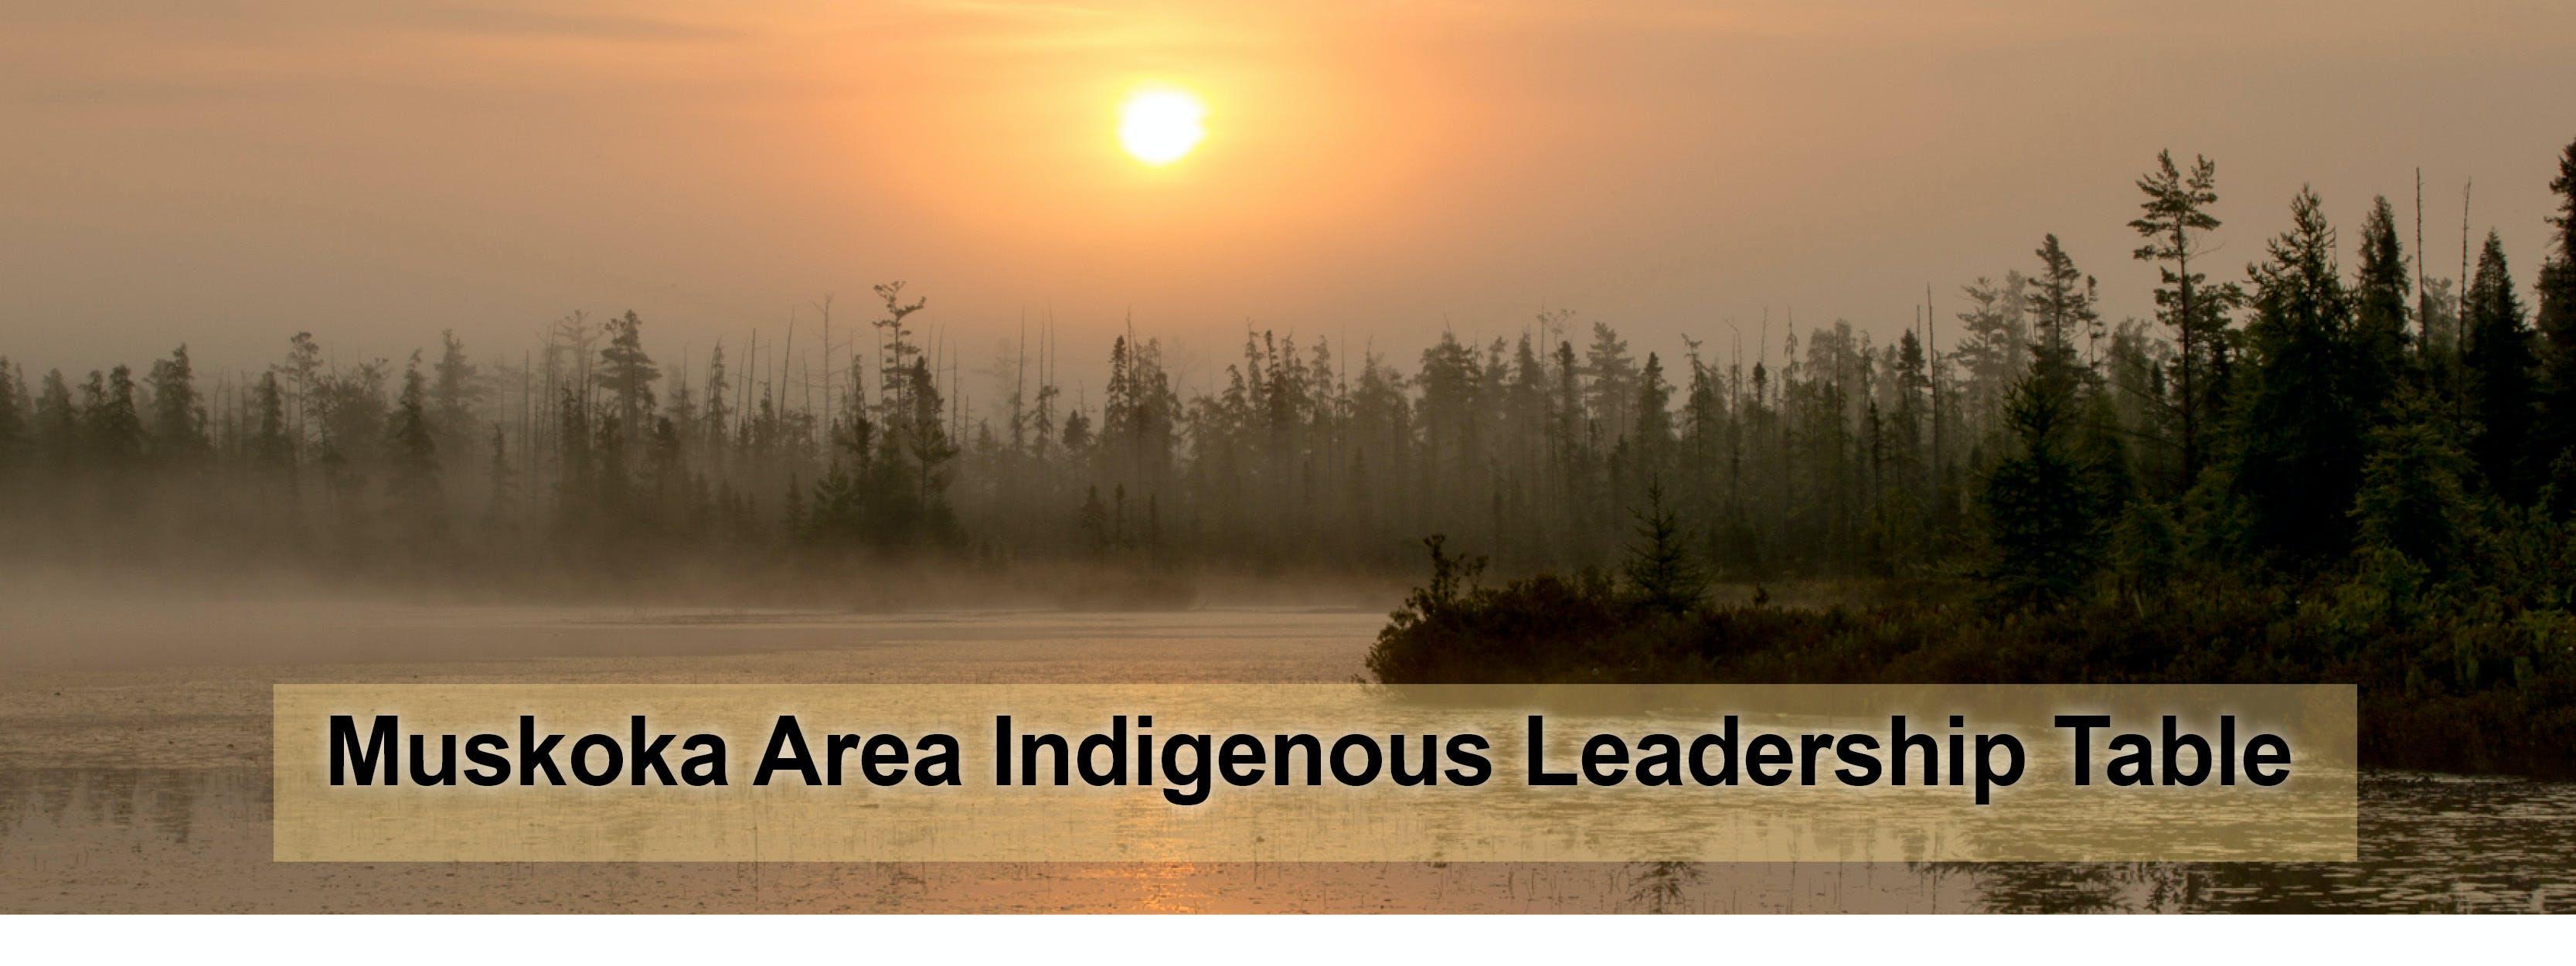 Muskoka Area Indigenous Leadership Table (MAILT)